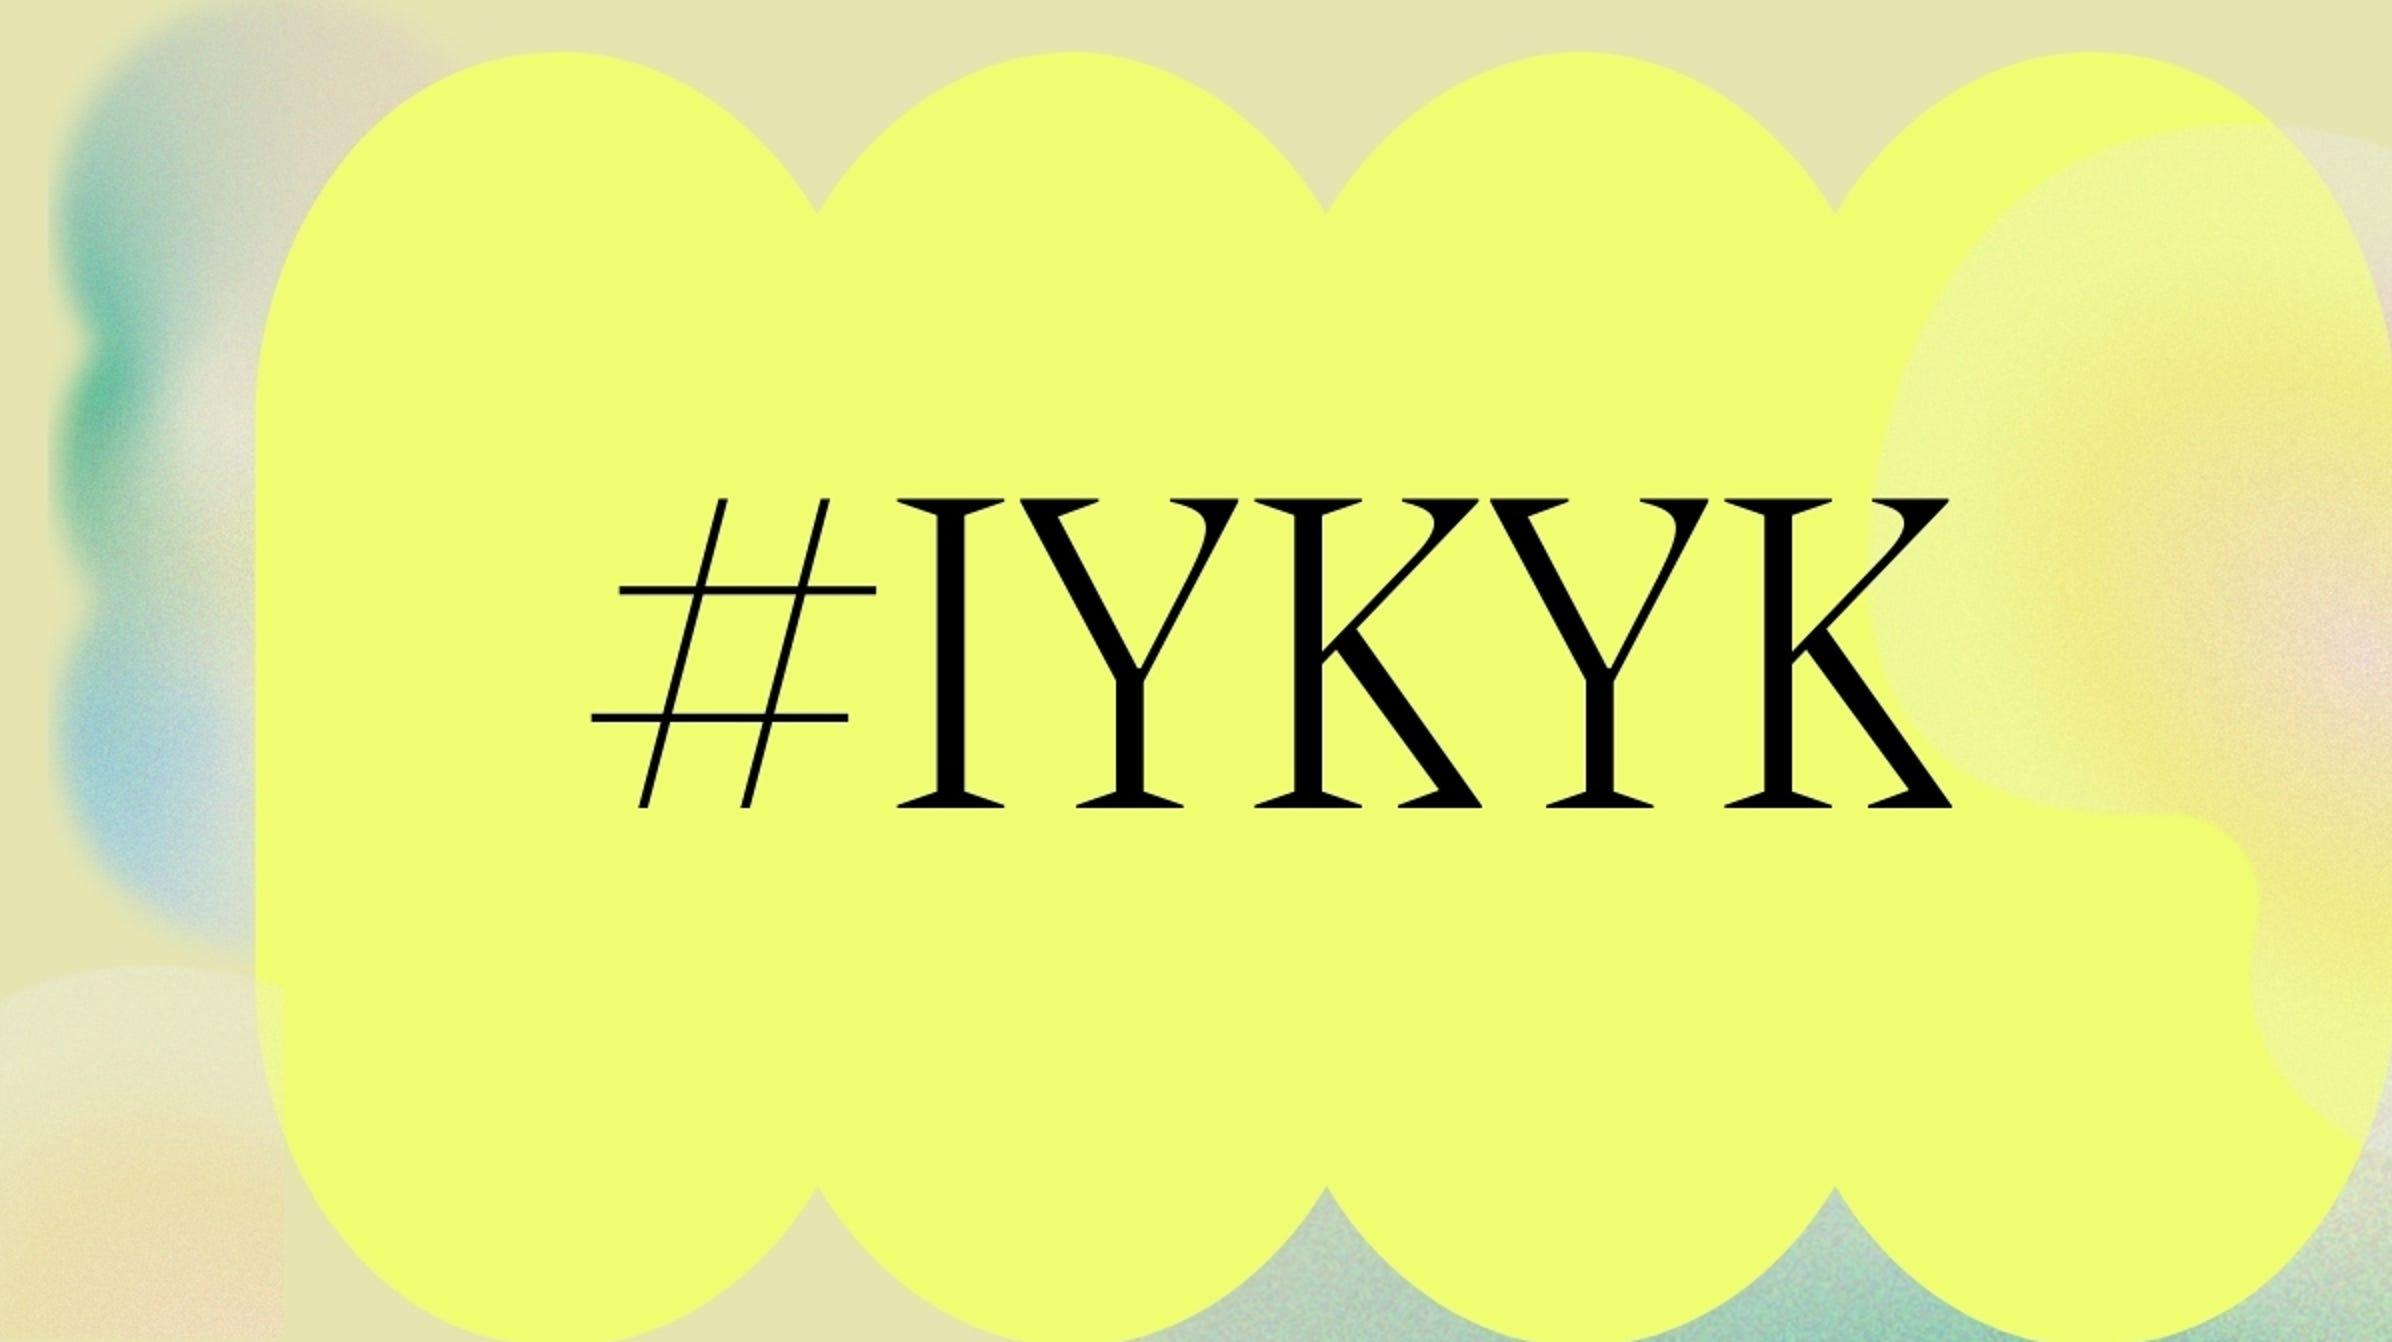 """¿Qué significa """"IYKYK"""" y cómo se usa?"""